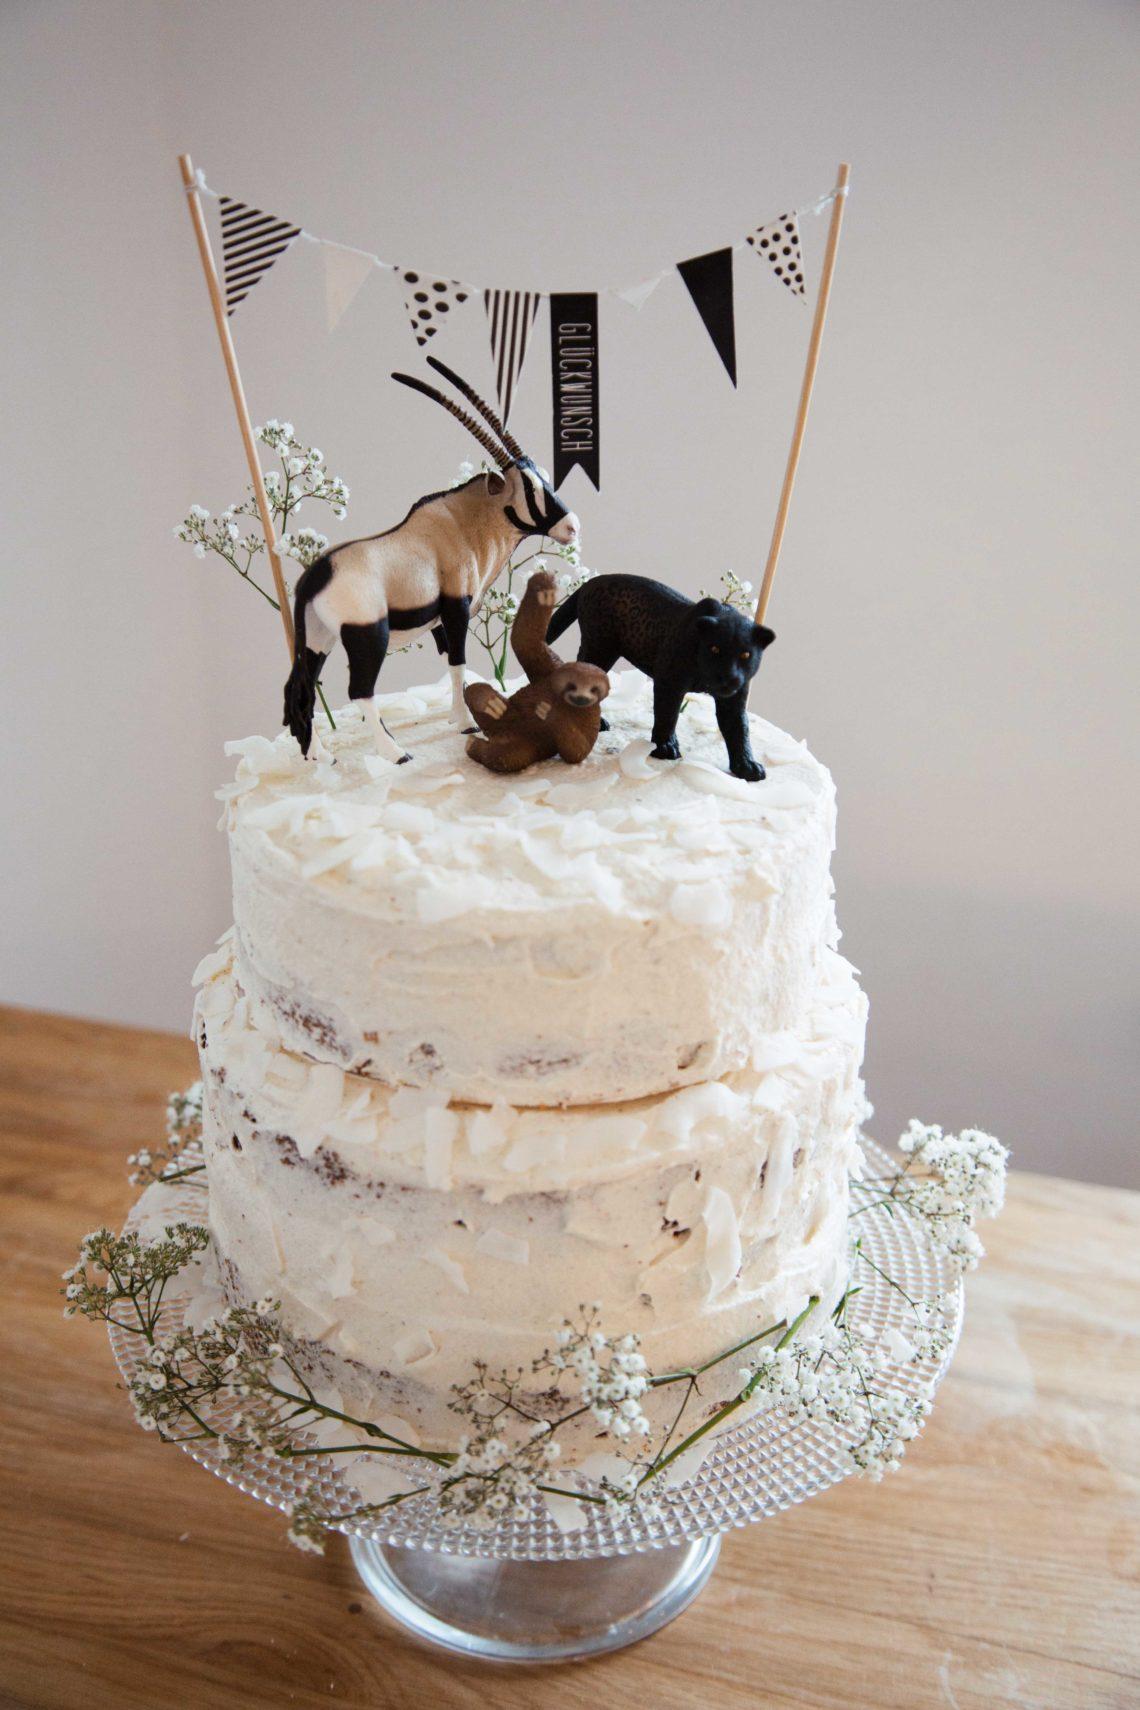 Hurray, 1 year! The first Birthday ⋆ Honey Cream & Chocolate